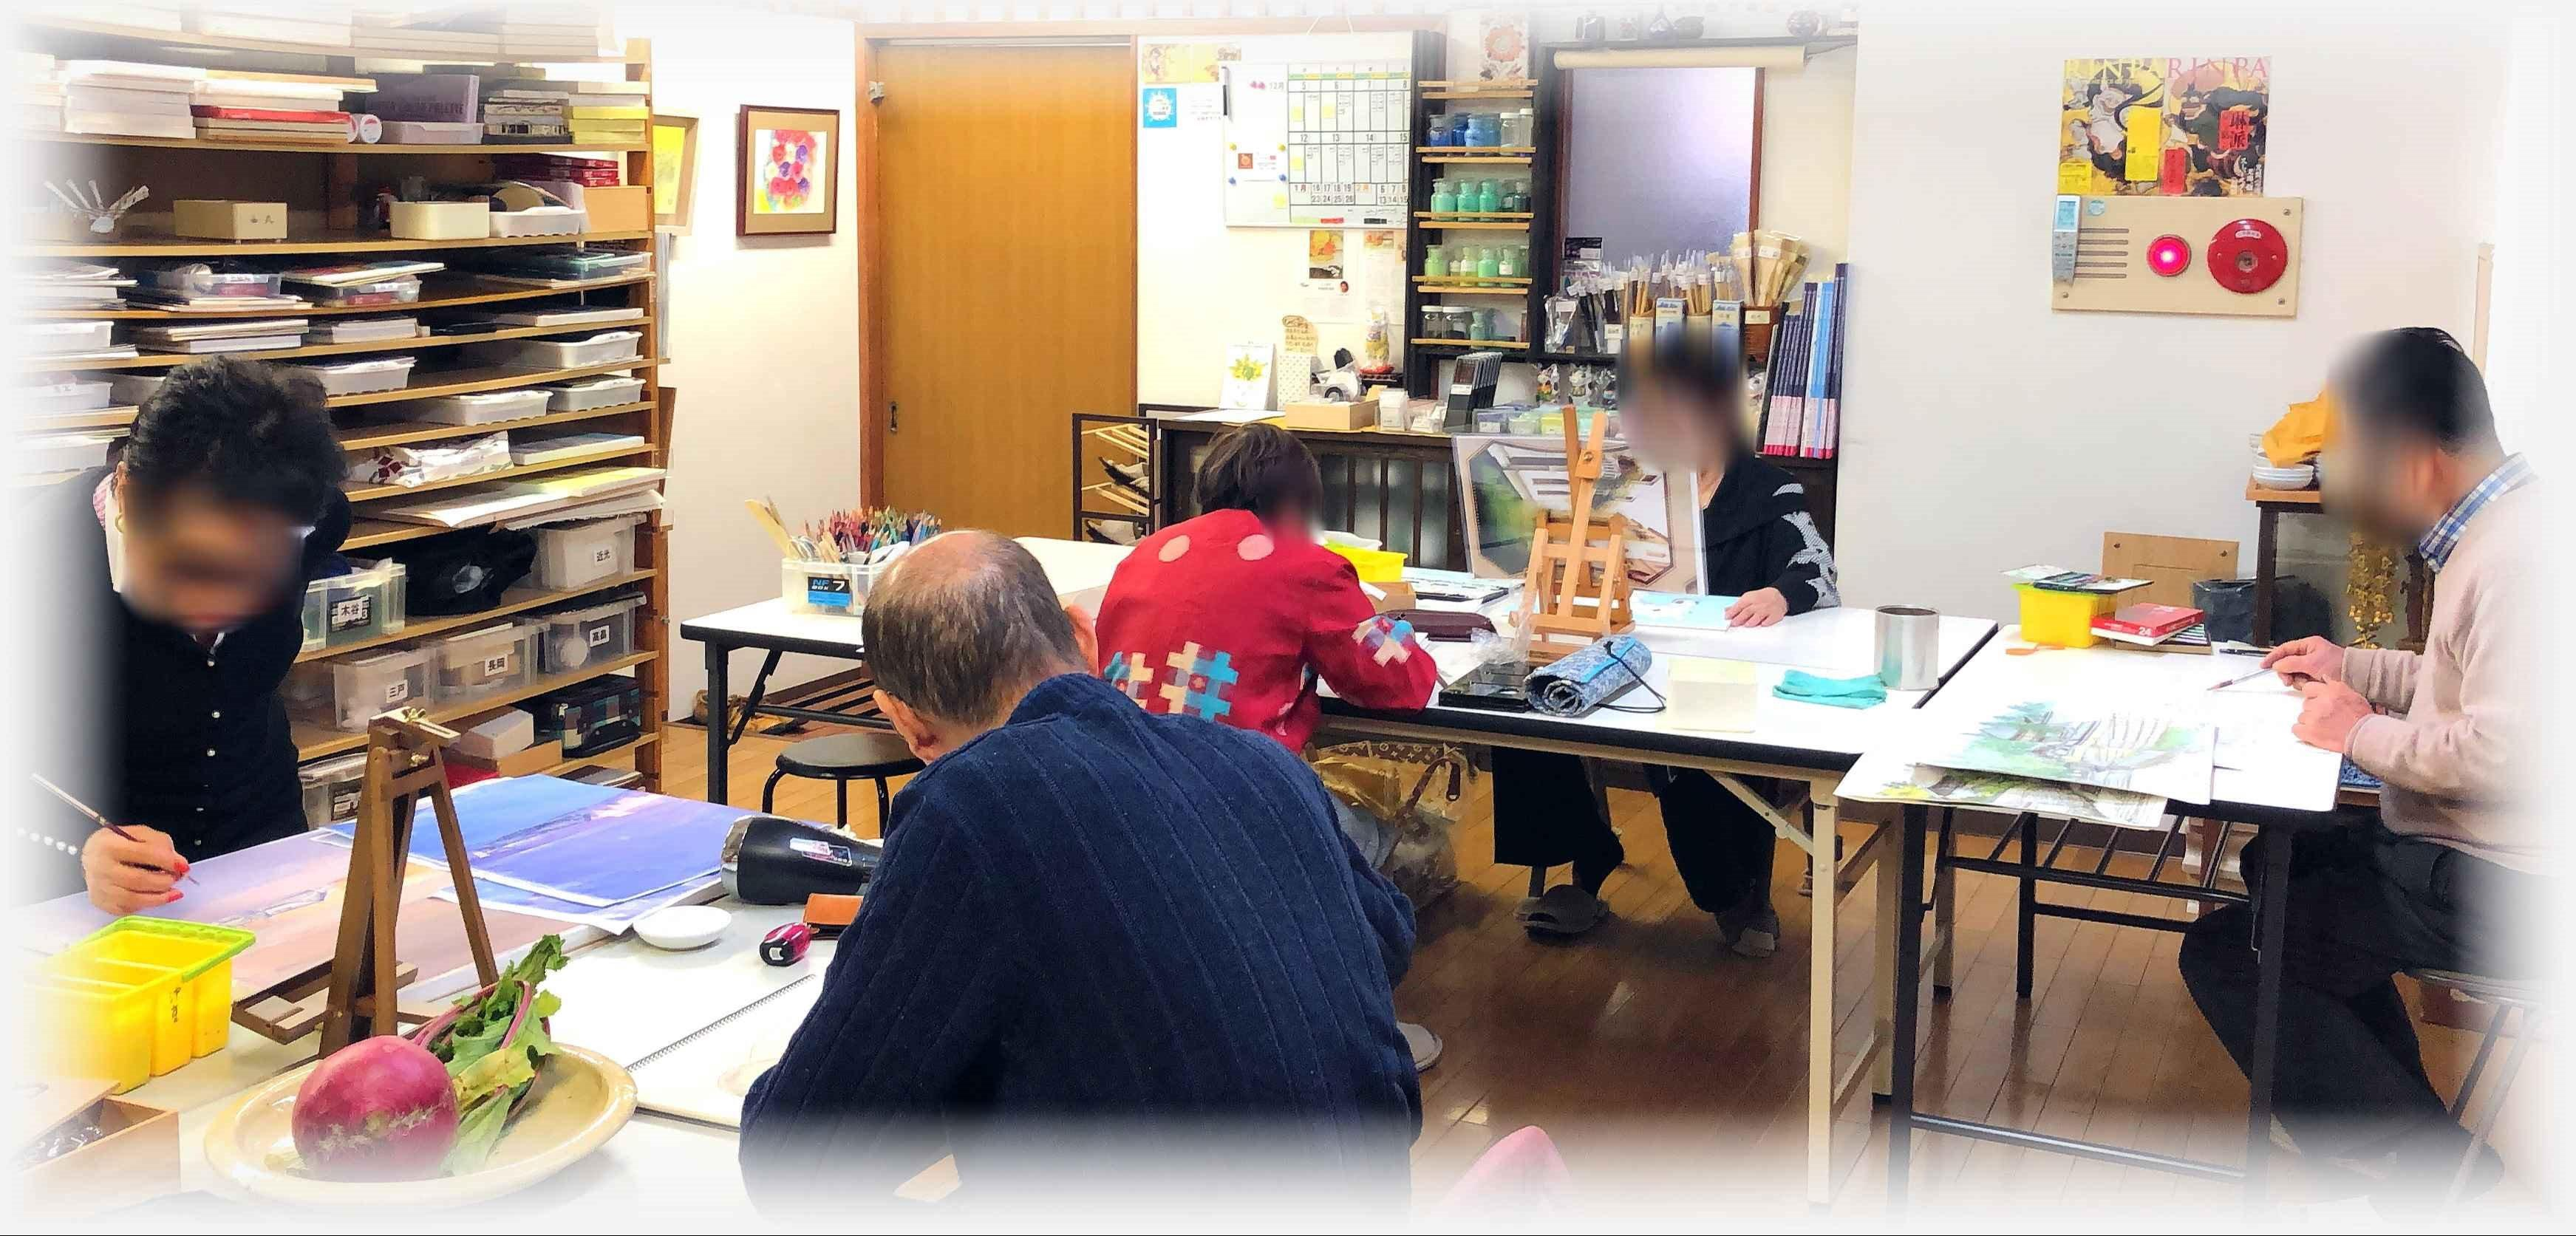 絵画教室西原 銀山校・紙屋町校/広島 日本画・水彩画・デッサン